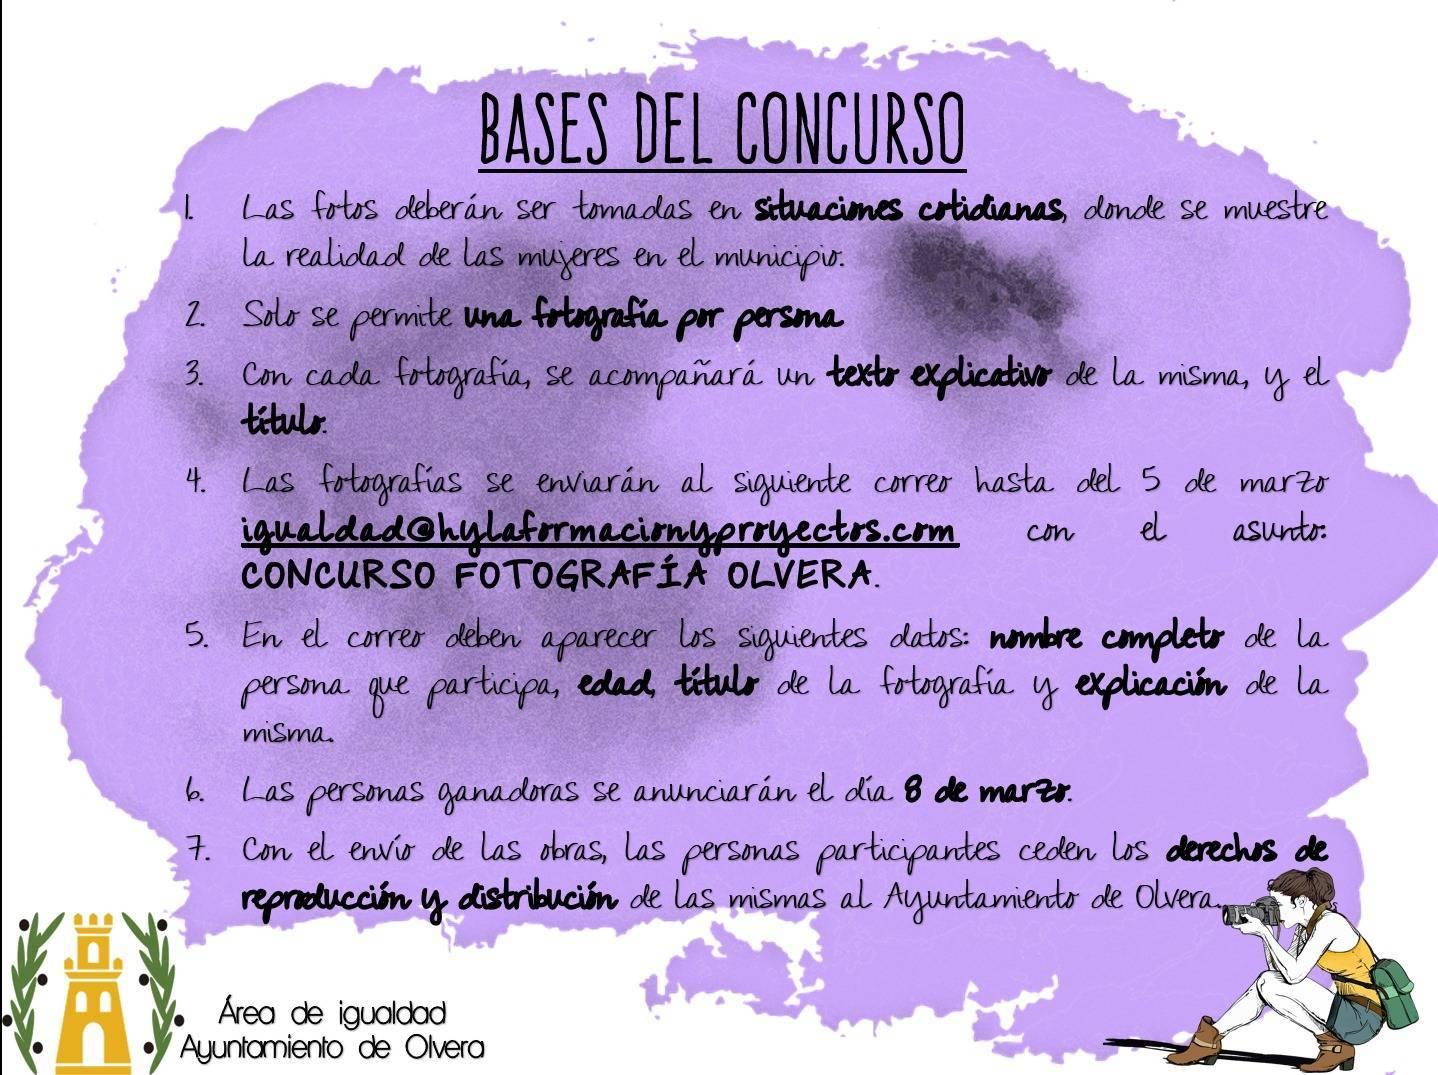 I concurso de fotografía feminista - Olvera (Cádiz) 2